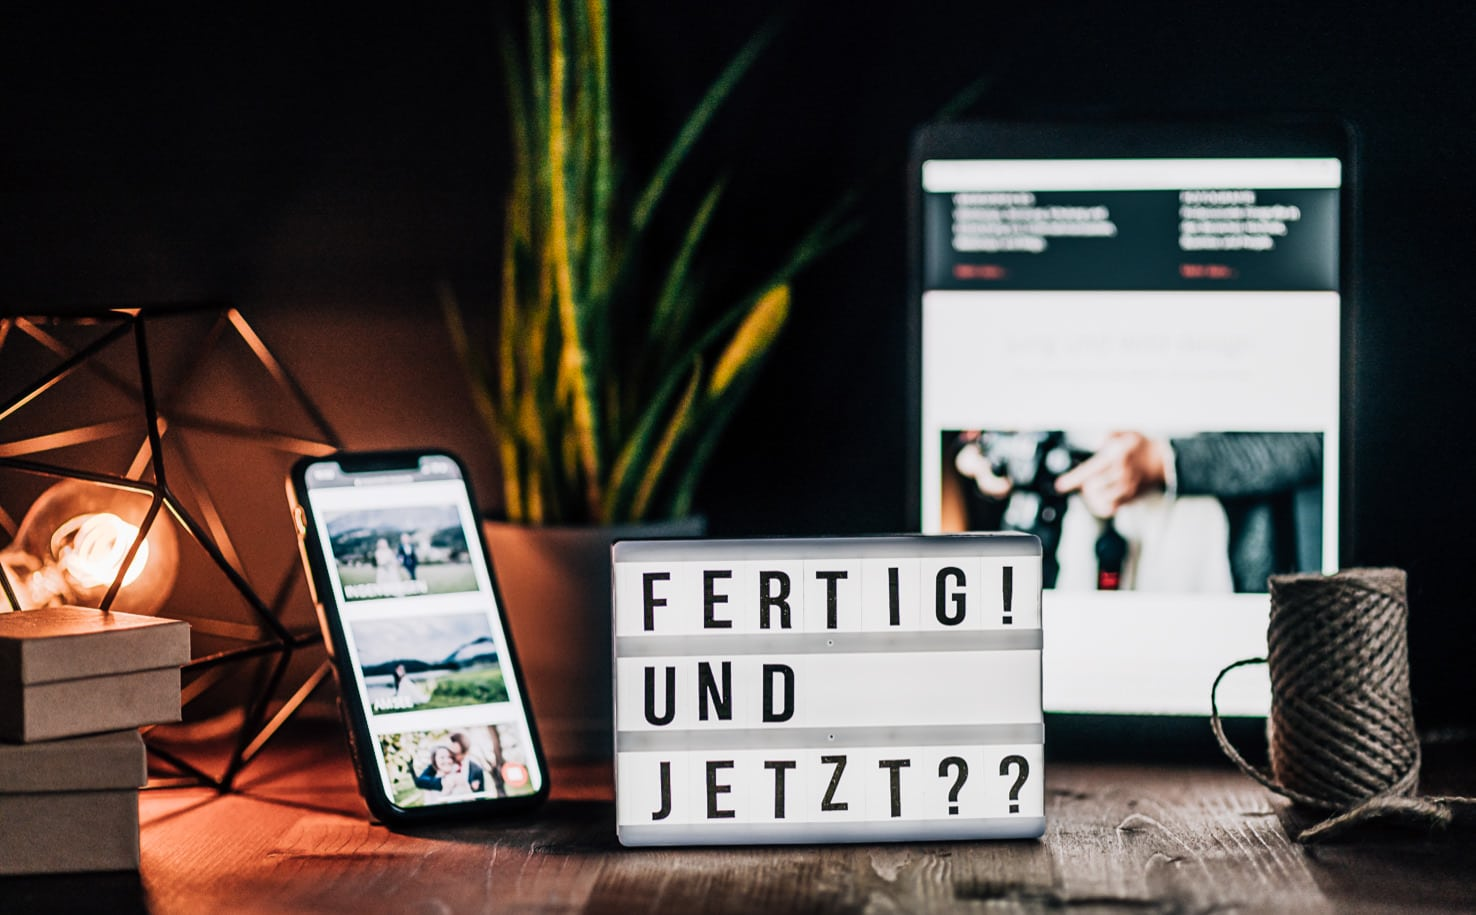 Jung und Wild design - Webseite fertig und nun? Wie geht es nach dem Launch der Webseite weiter? Tipps vom Profi